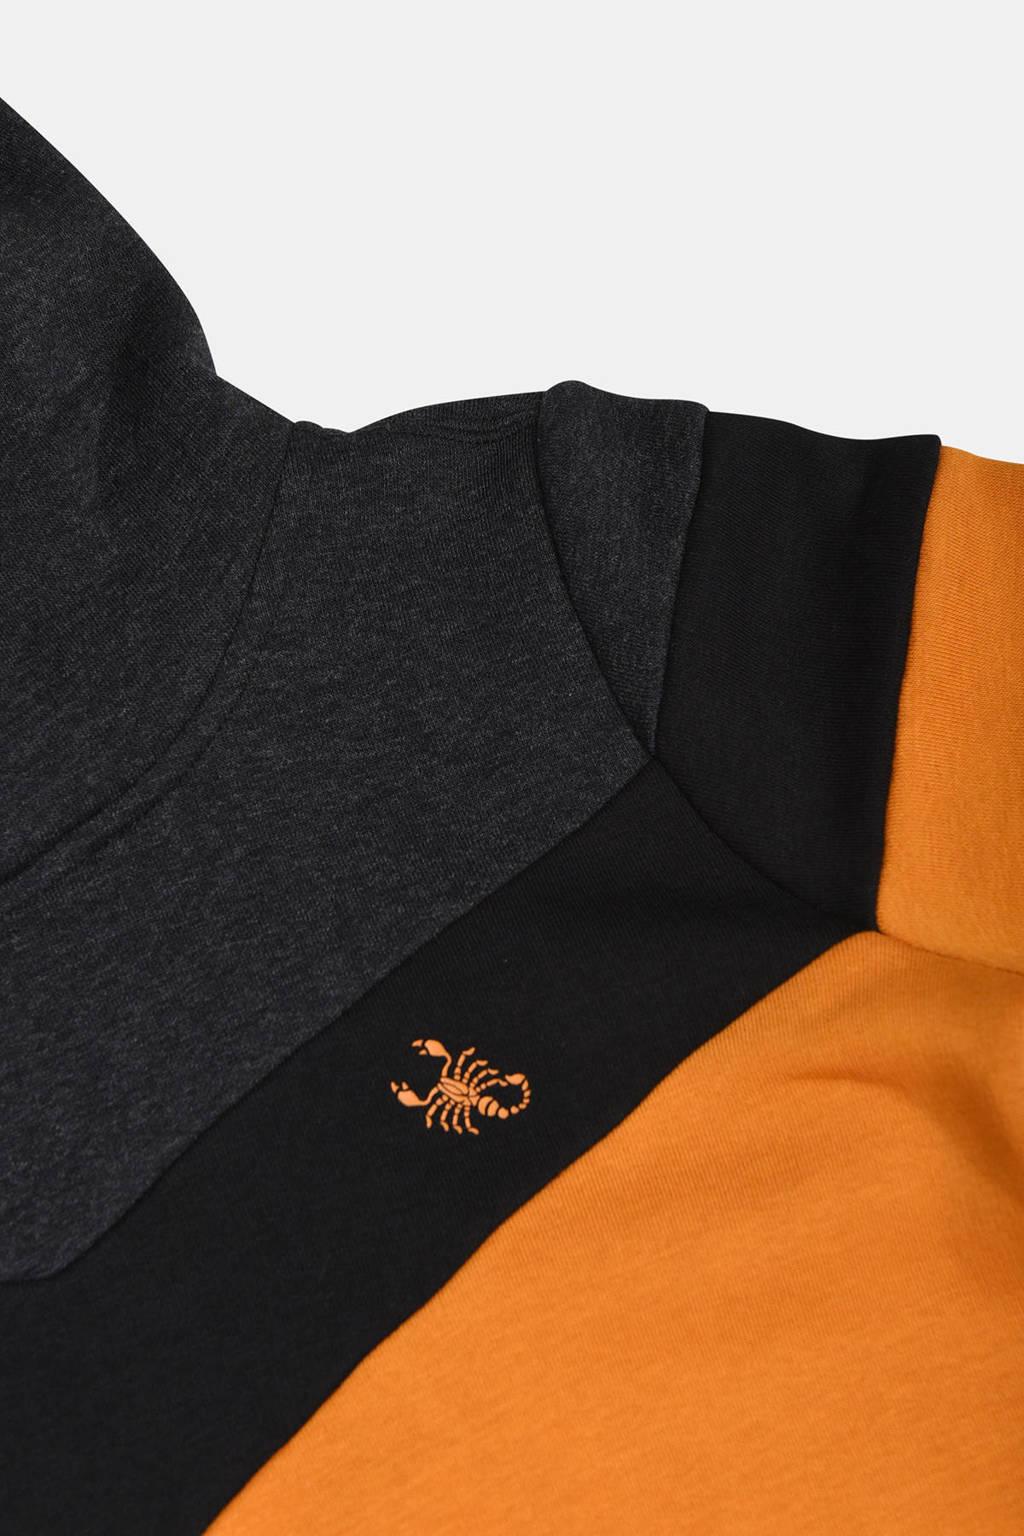 Jill & Mitch by Shoeby hoodie Parker donkergeel/zwart, Donkergeel/zwart